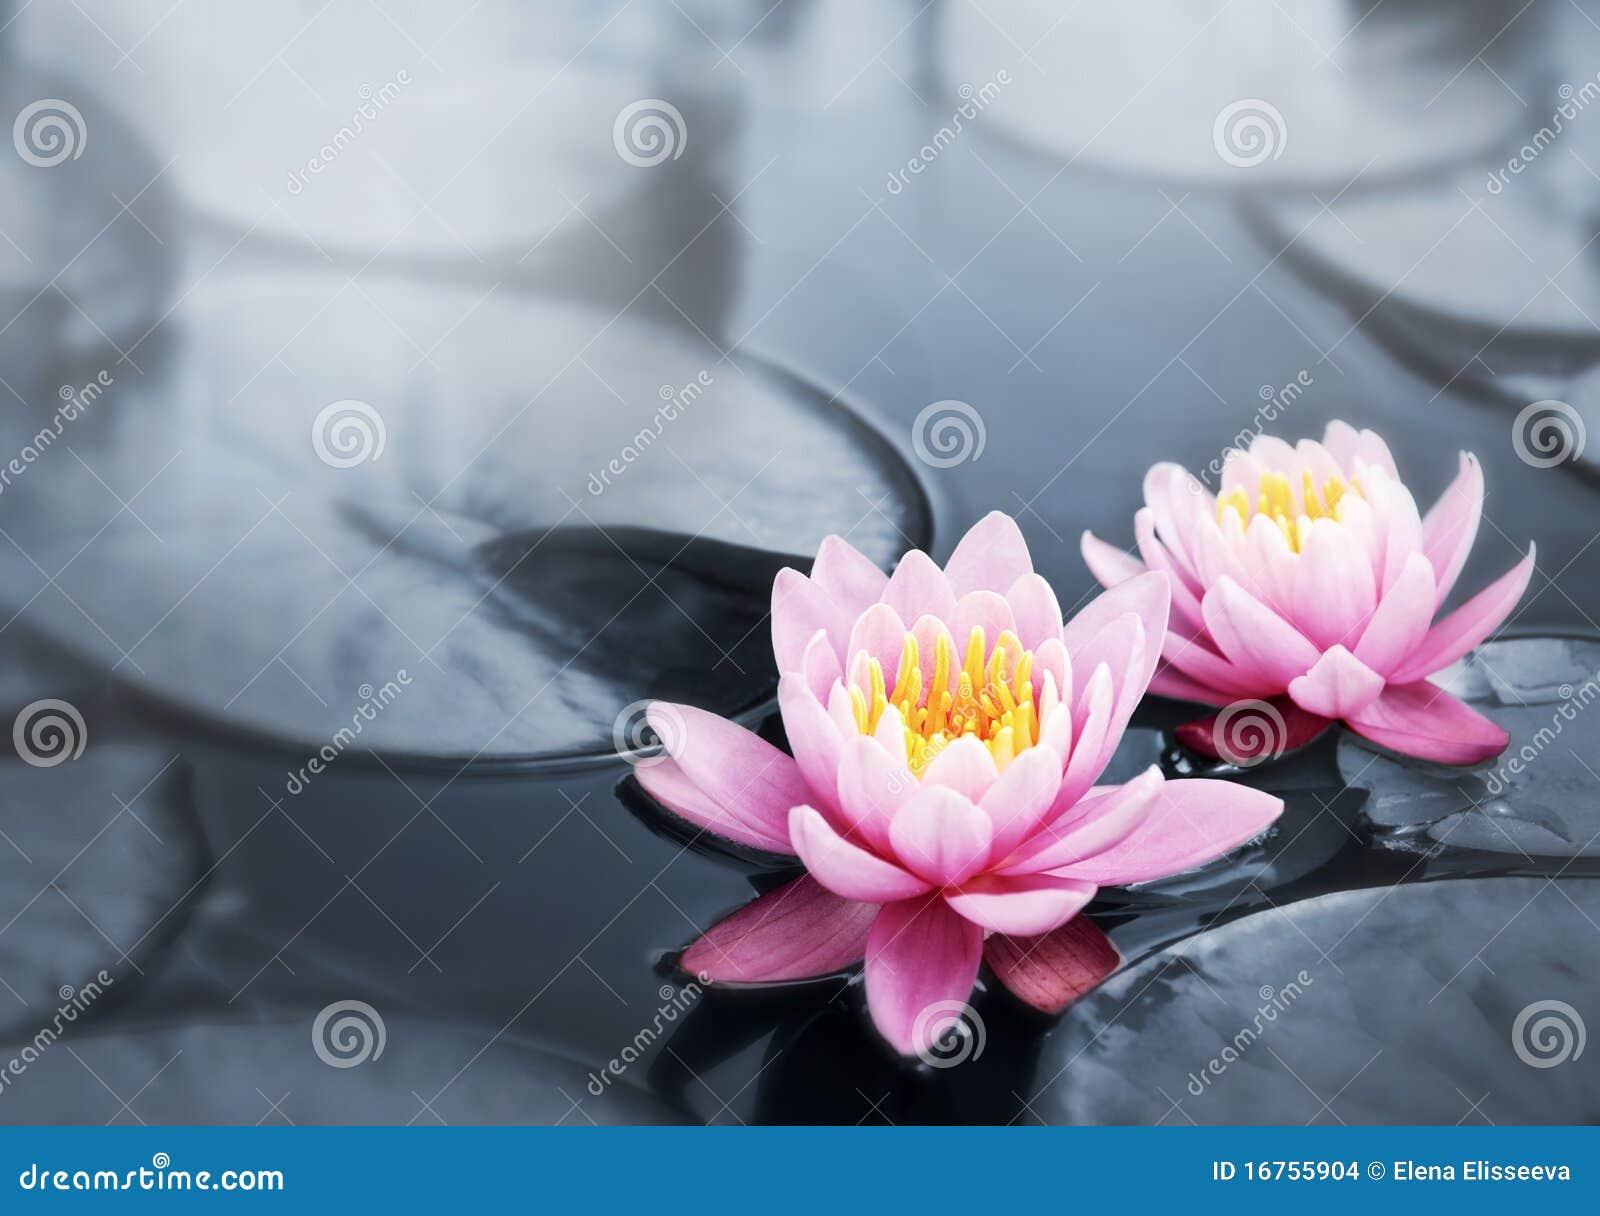 Lotosblüten